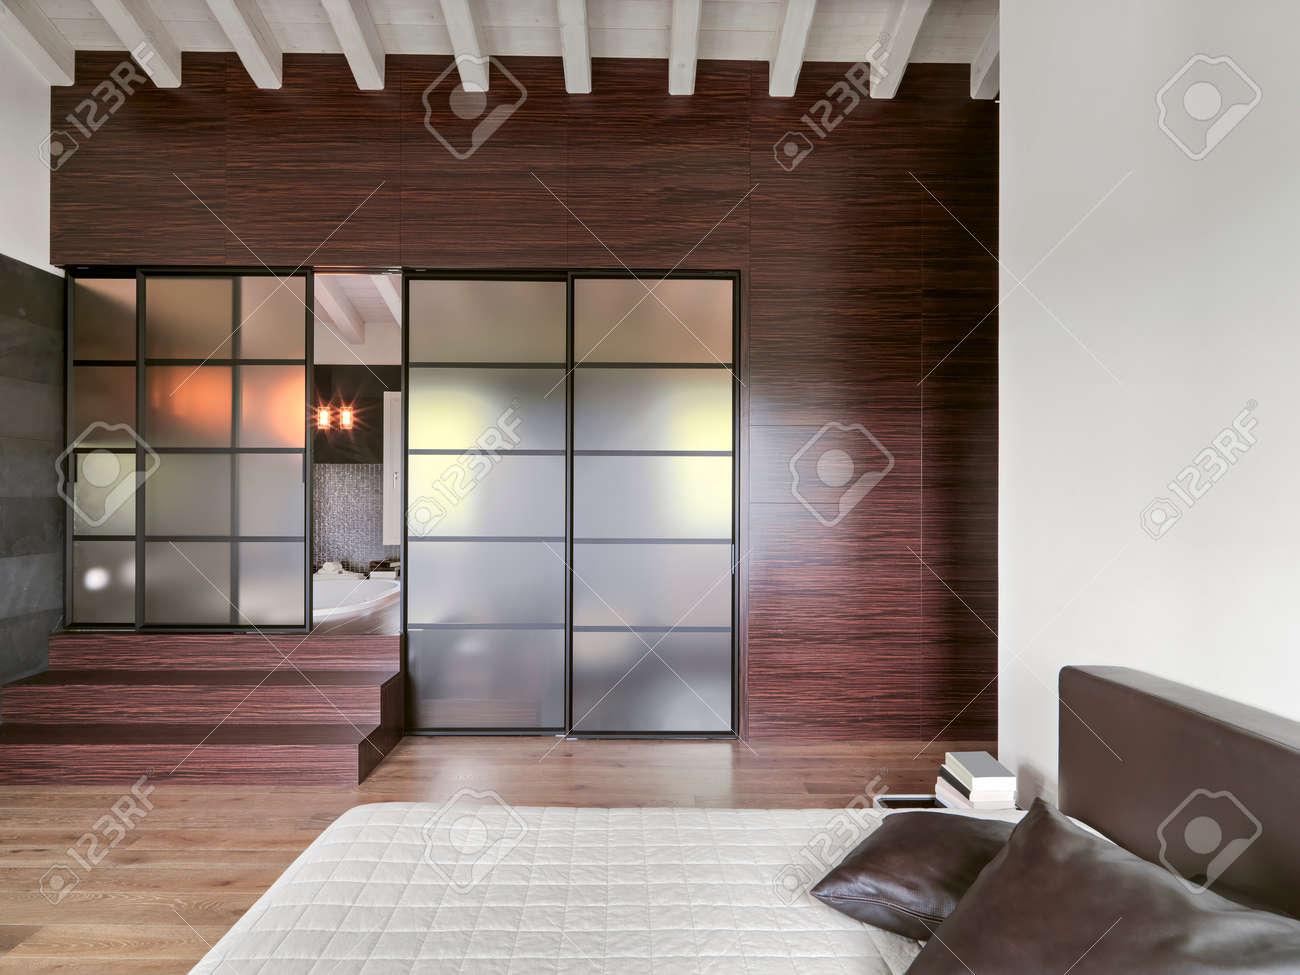 Vue De L Interieur D Une Chambre Moderne Avec Porte Coulissante En Verre Et Un Escalier Donnant Sur La Salle De Bain